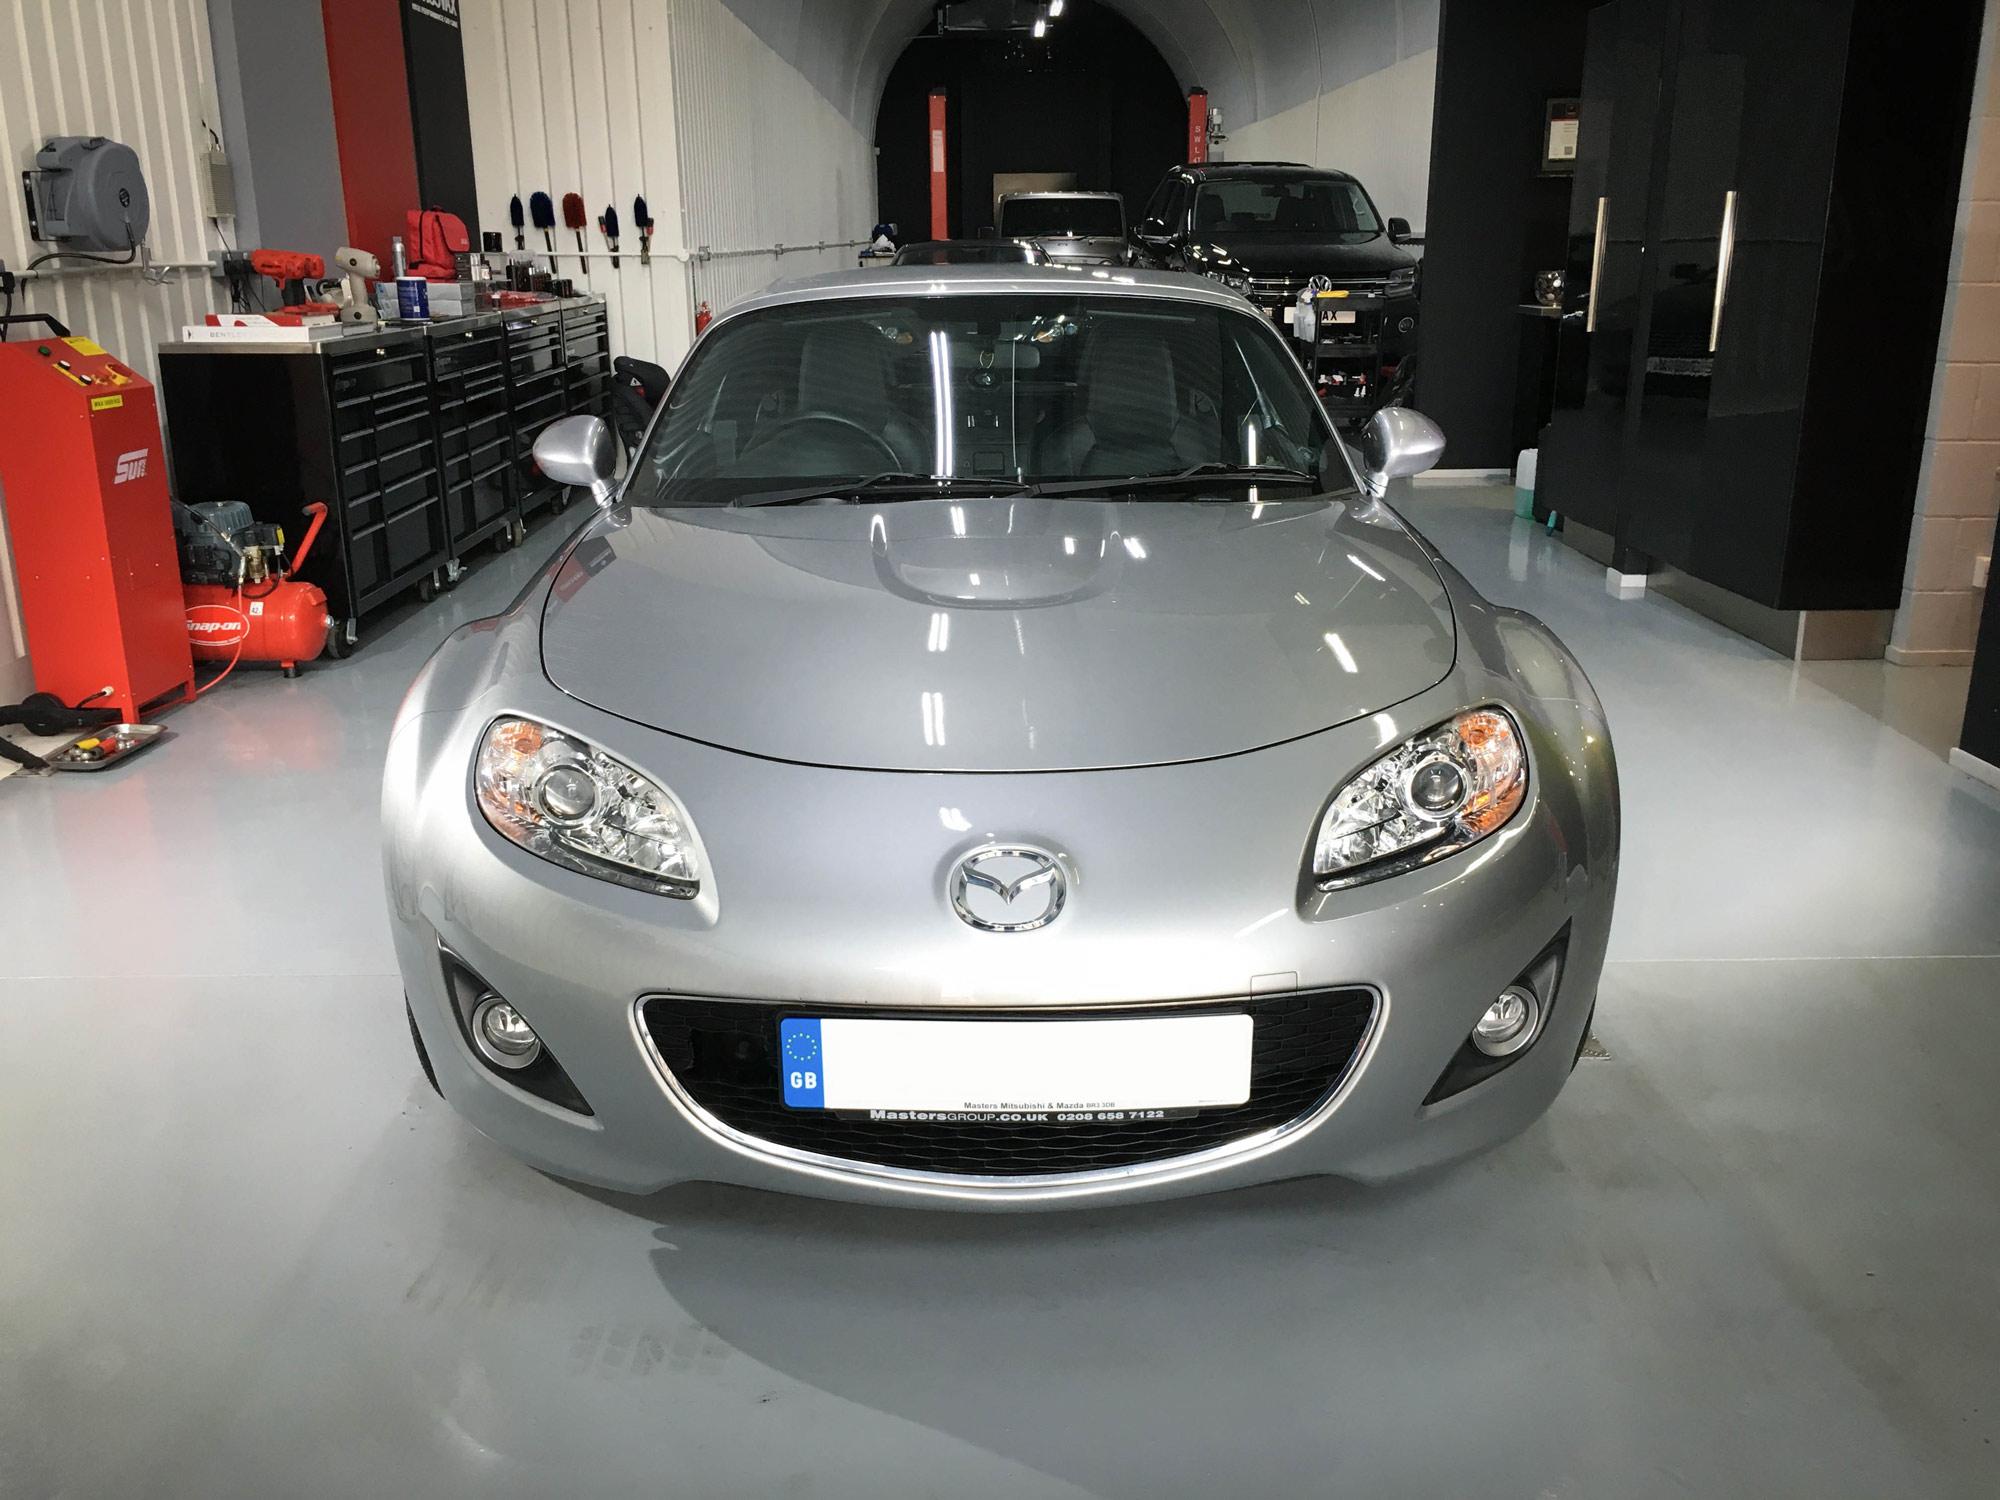 Mazda-mx5-head-on